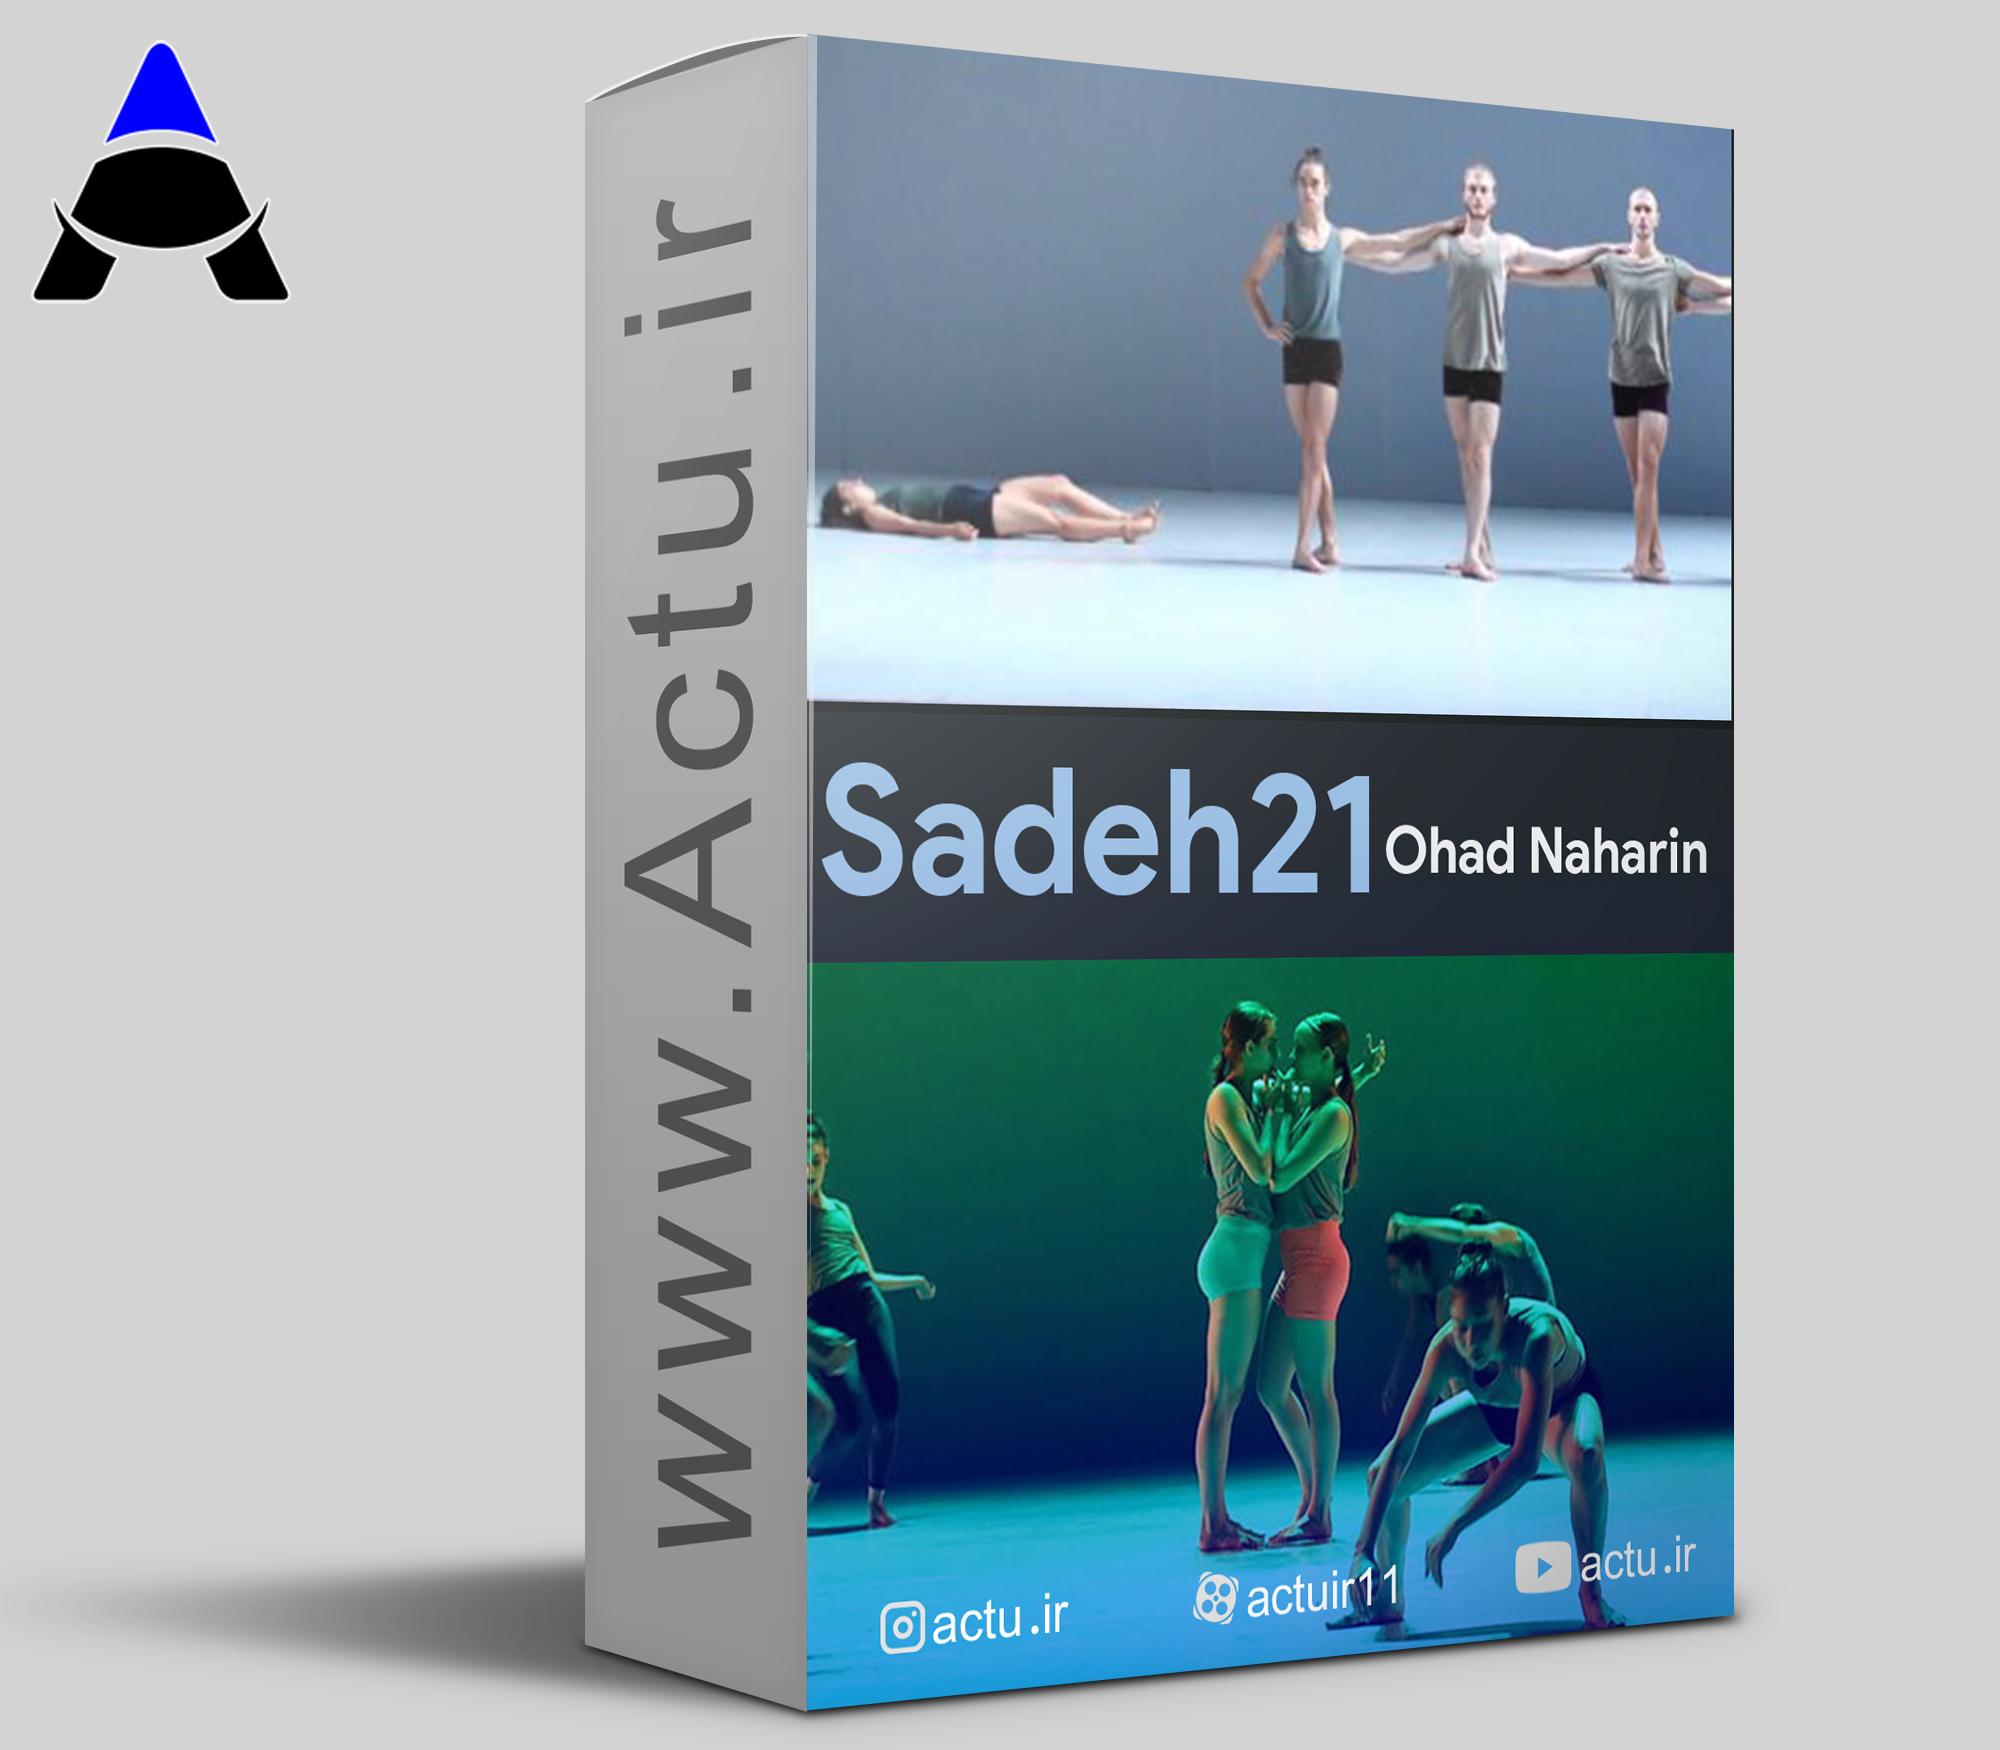 ساده 21 ( اوهاد ناهارین )   ( Sadeh21 ( Ohad Naharin - اکتو